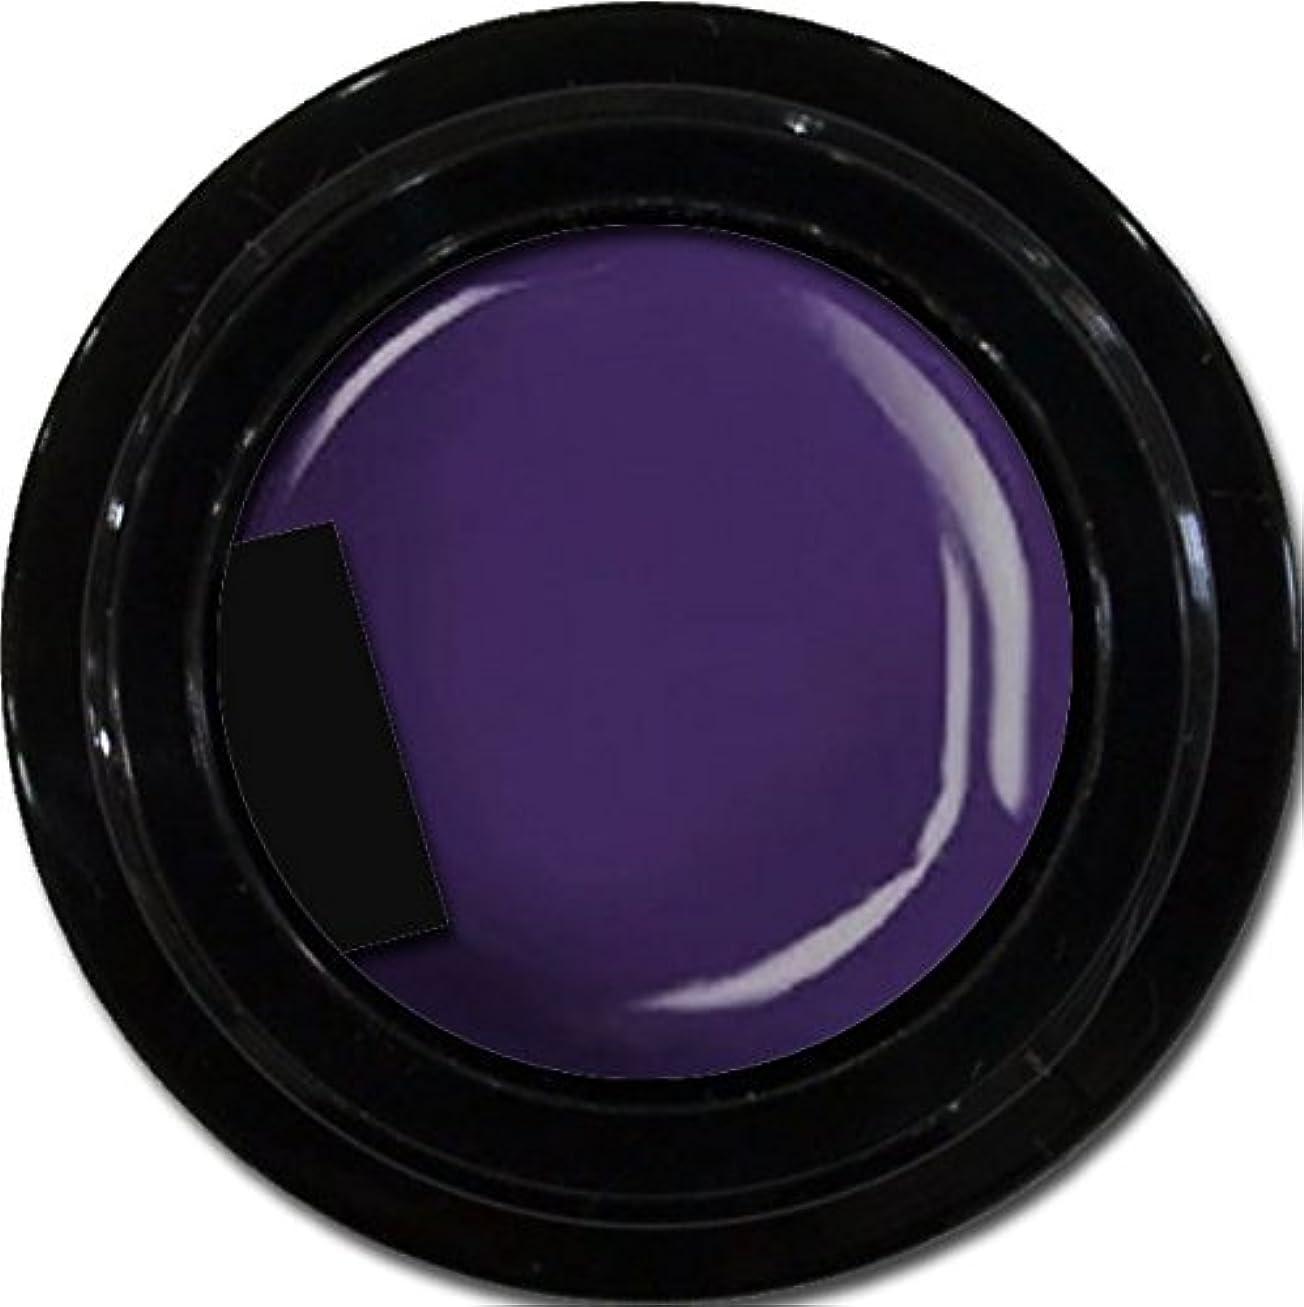 シーズンいつでもにやにやカラージェル enchant color gel M511 LavenderNights 3g/ マットカラージェル M511 ラベンダーナイツ 3グラム